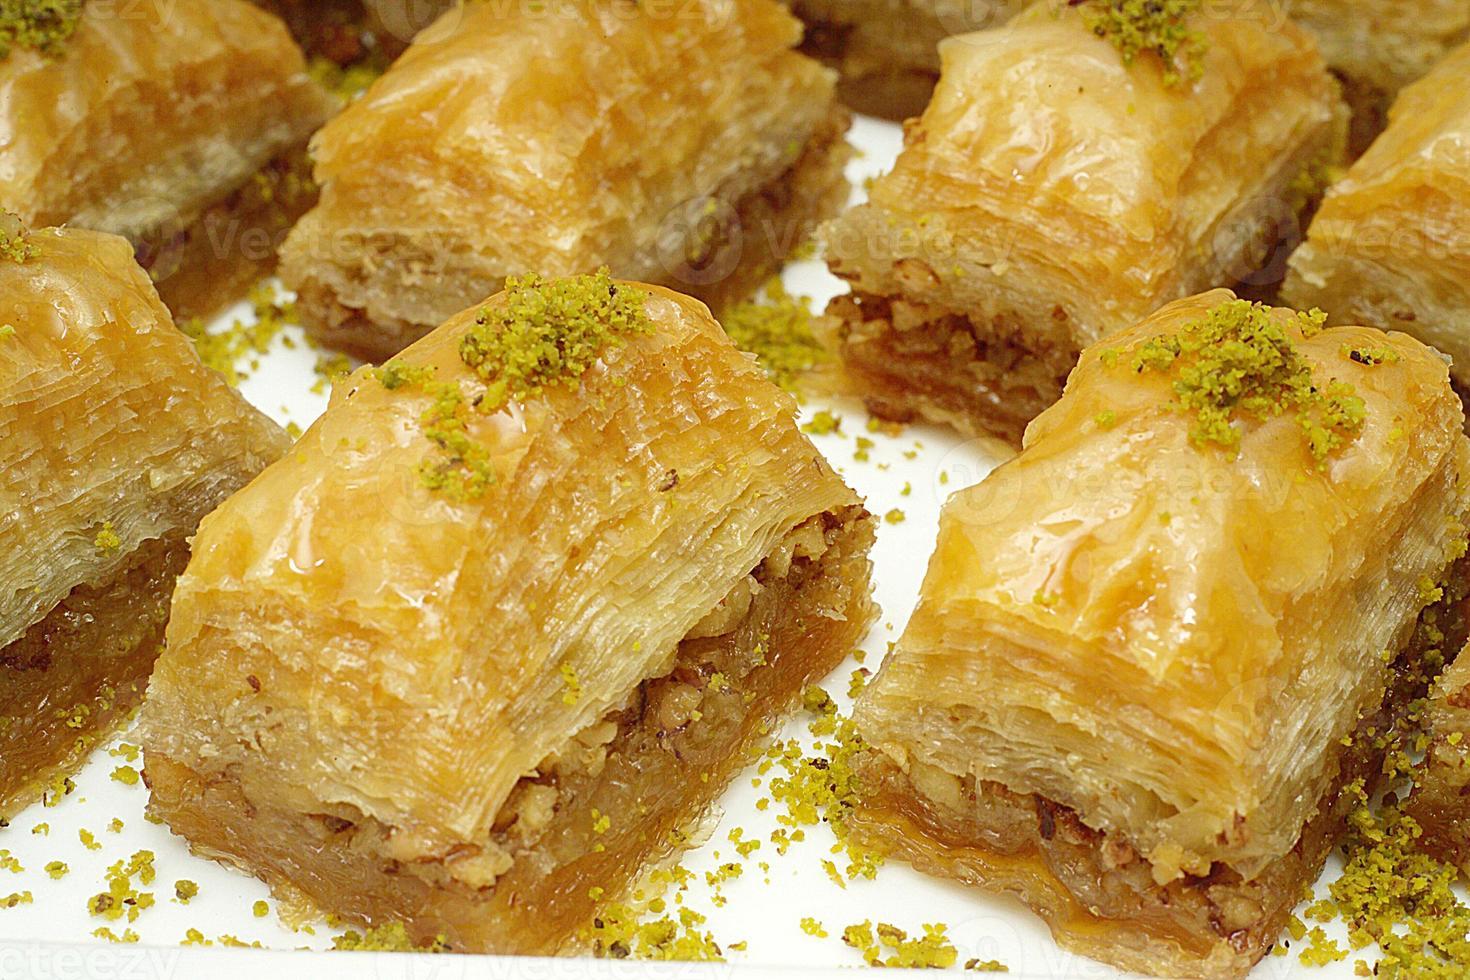 Gastronomie. Dessert, türkisches Baklava foto